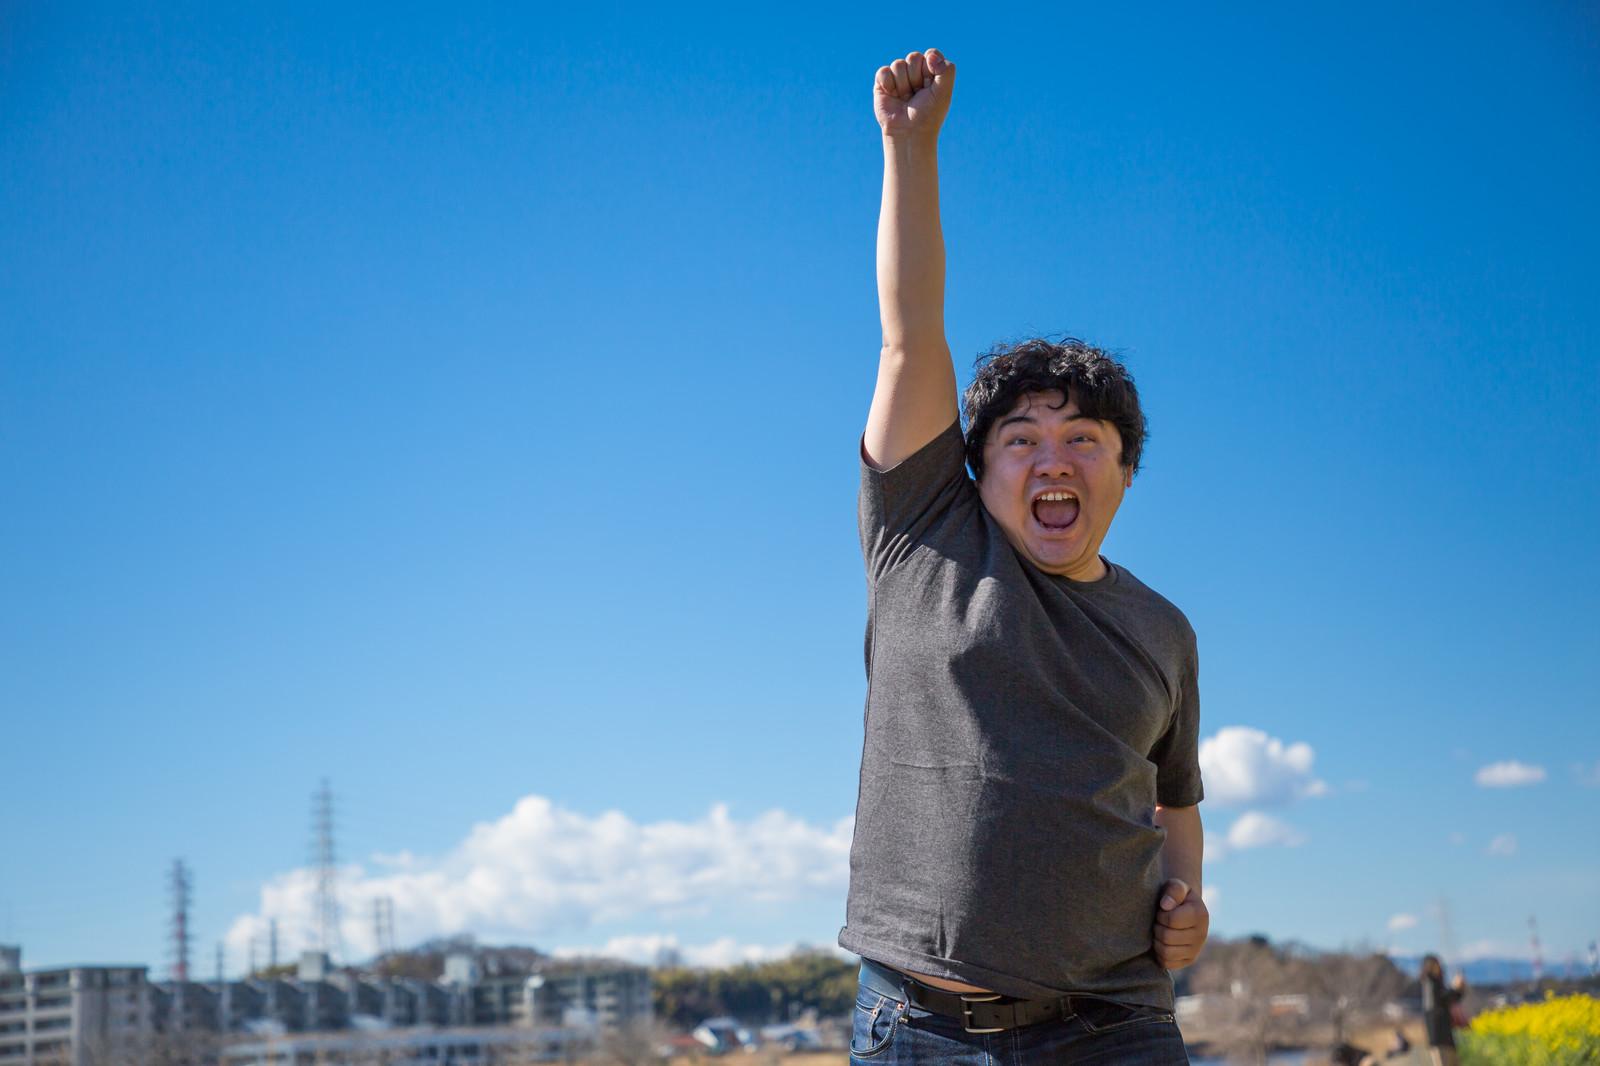 空に拳を掲げシャウトしている太った男性